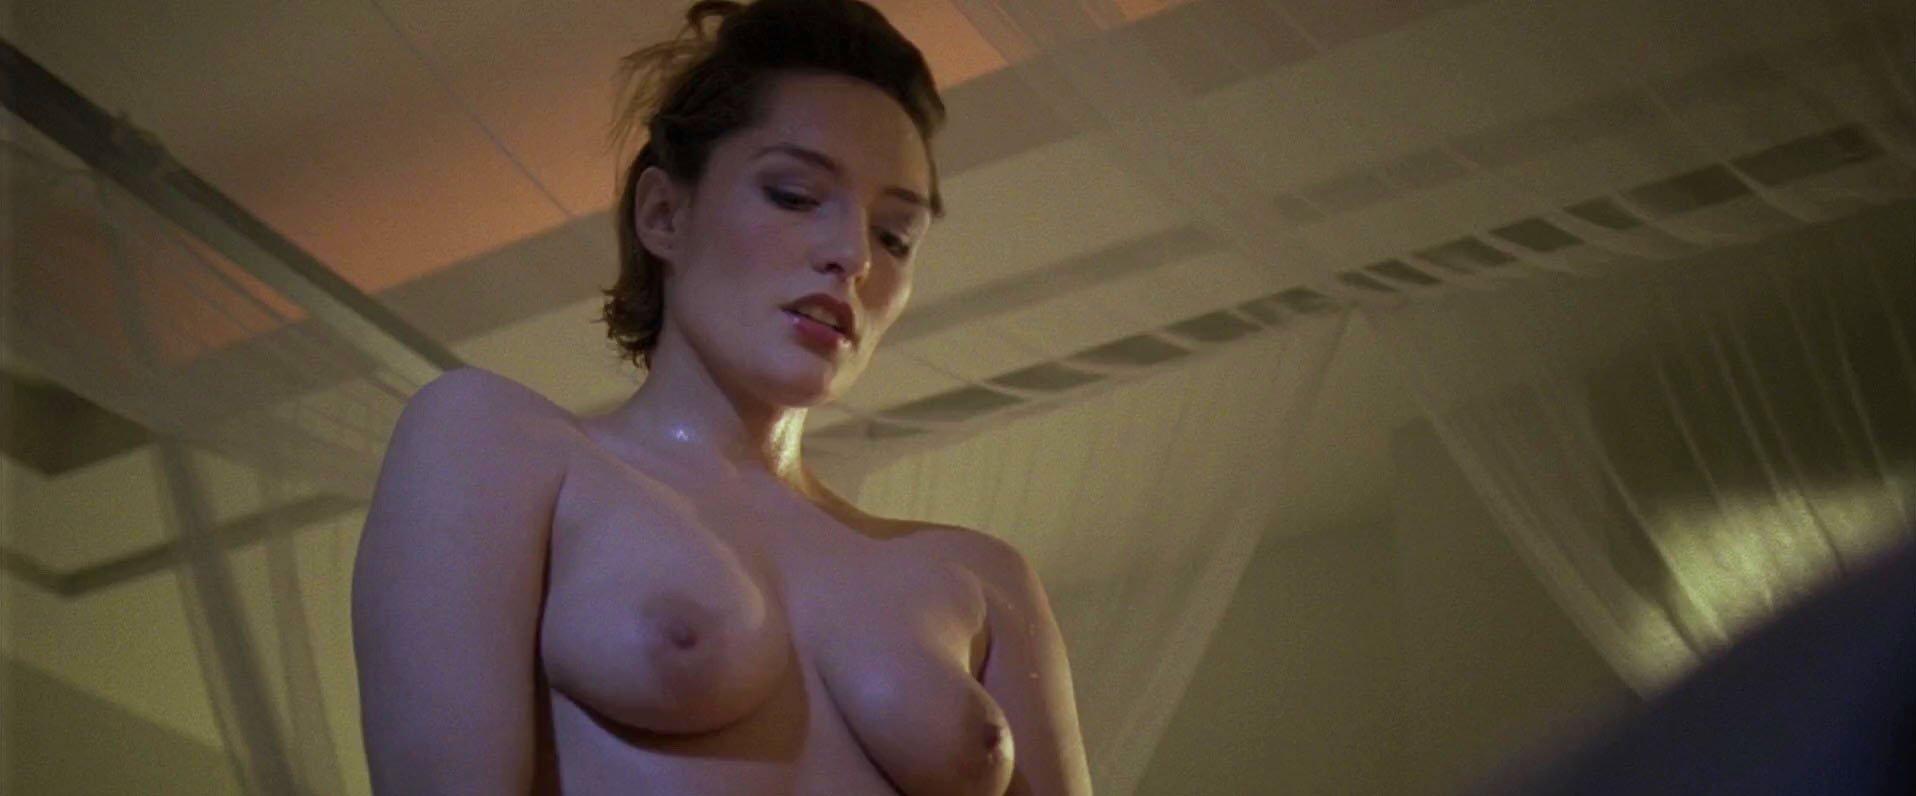 spread movie nude scene